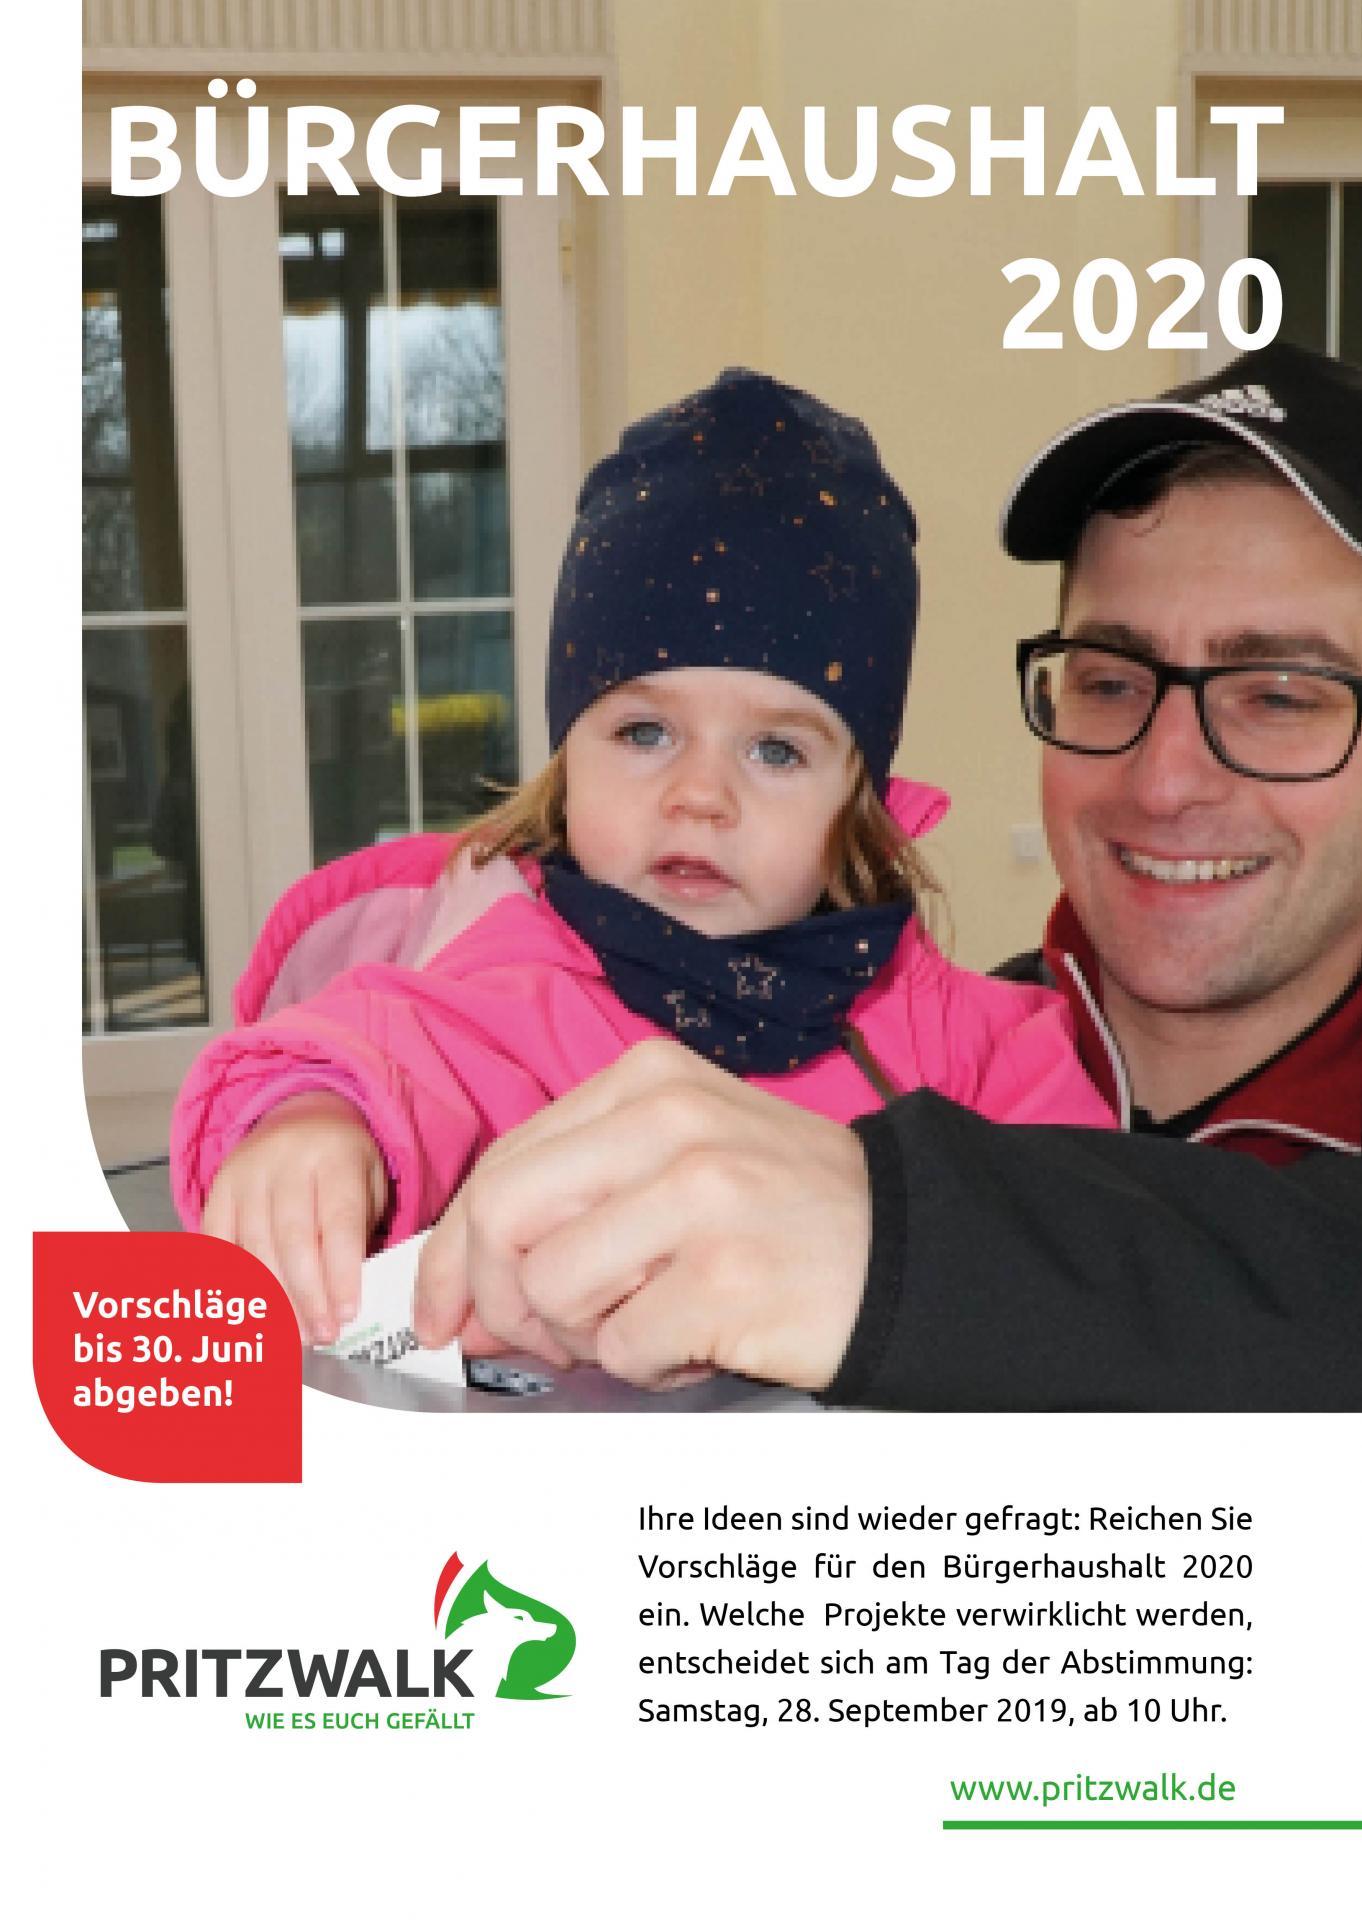 Bürgerhaushalt 2020